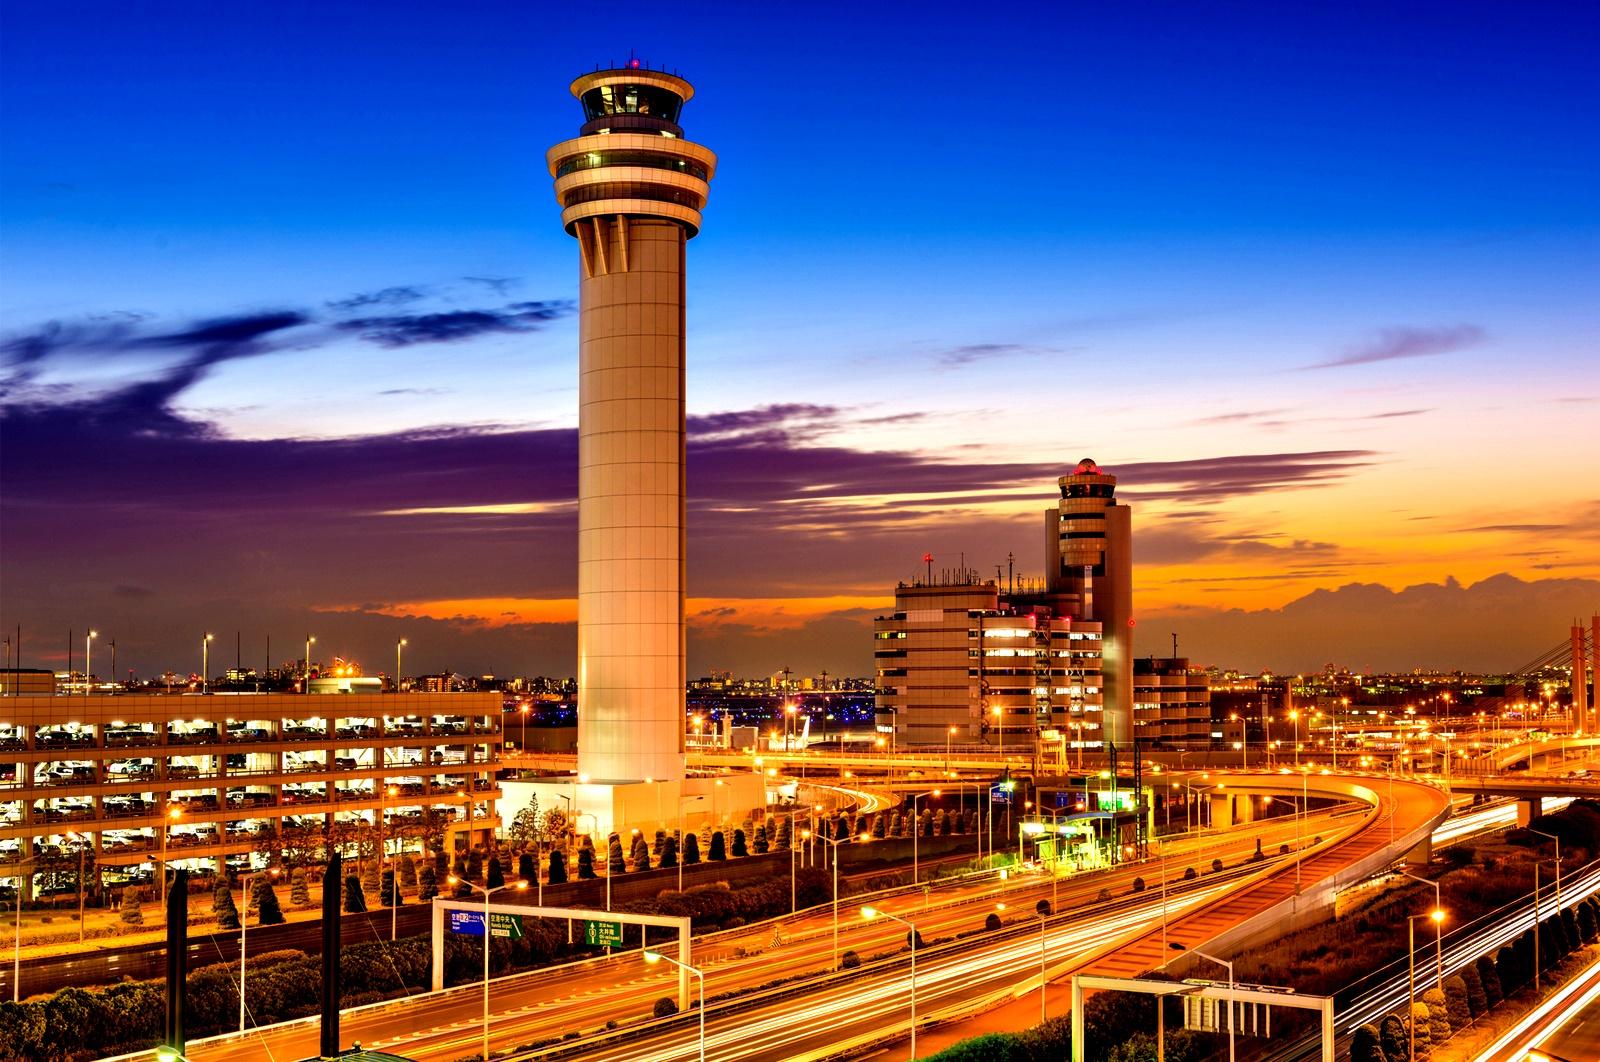 Летище Ханеда, Токио<br /> Имате няколко часа за убиване? На летището Ханеда в Токио може да обядвате в Планетарното звездно кафене, където освен на храна и кафе, може да се насладите и на звездното небе. Това е първото кафене планетариум в света, разположено на територията на летище. Ако ви се отдаде възможност, непременно се отбийте да му хвърлите един поглед, както и на красивото звездно небе.